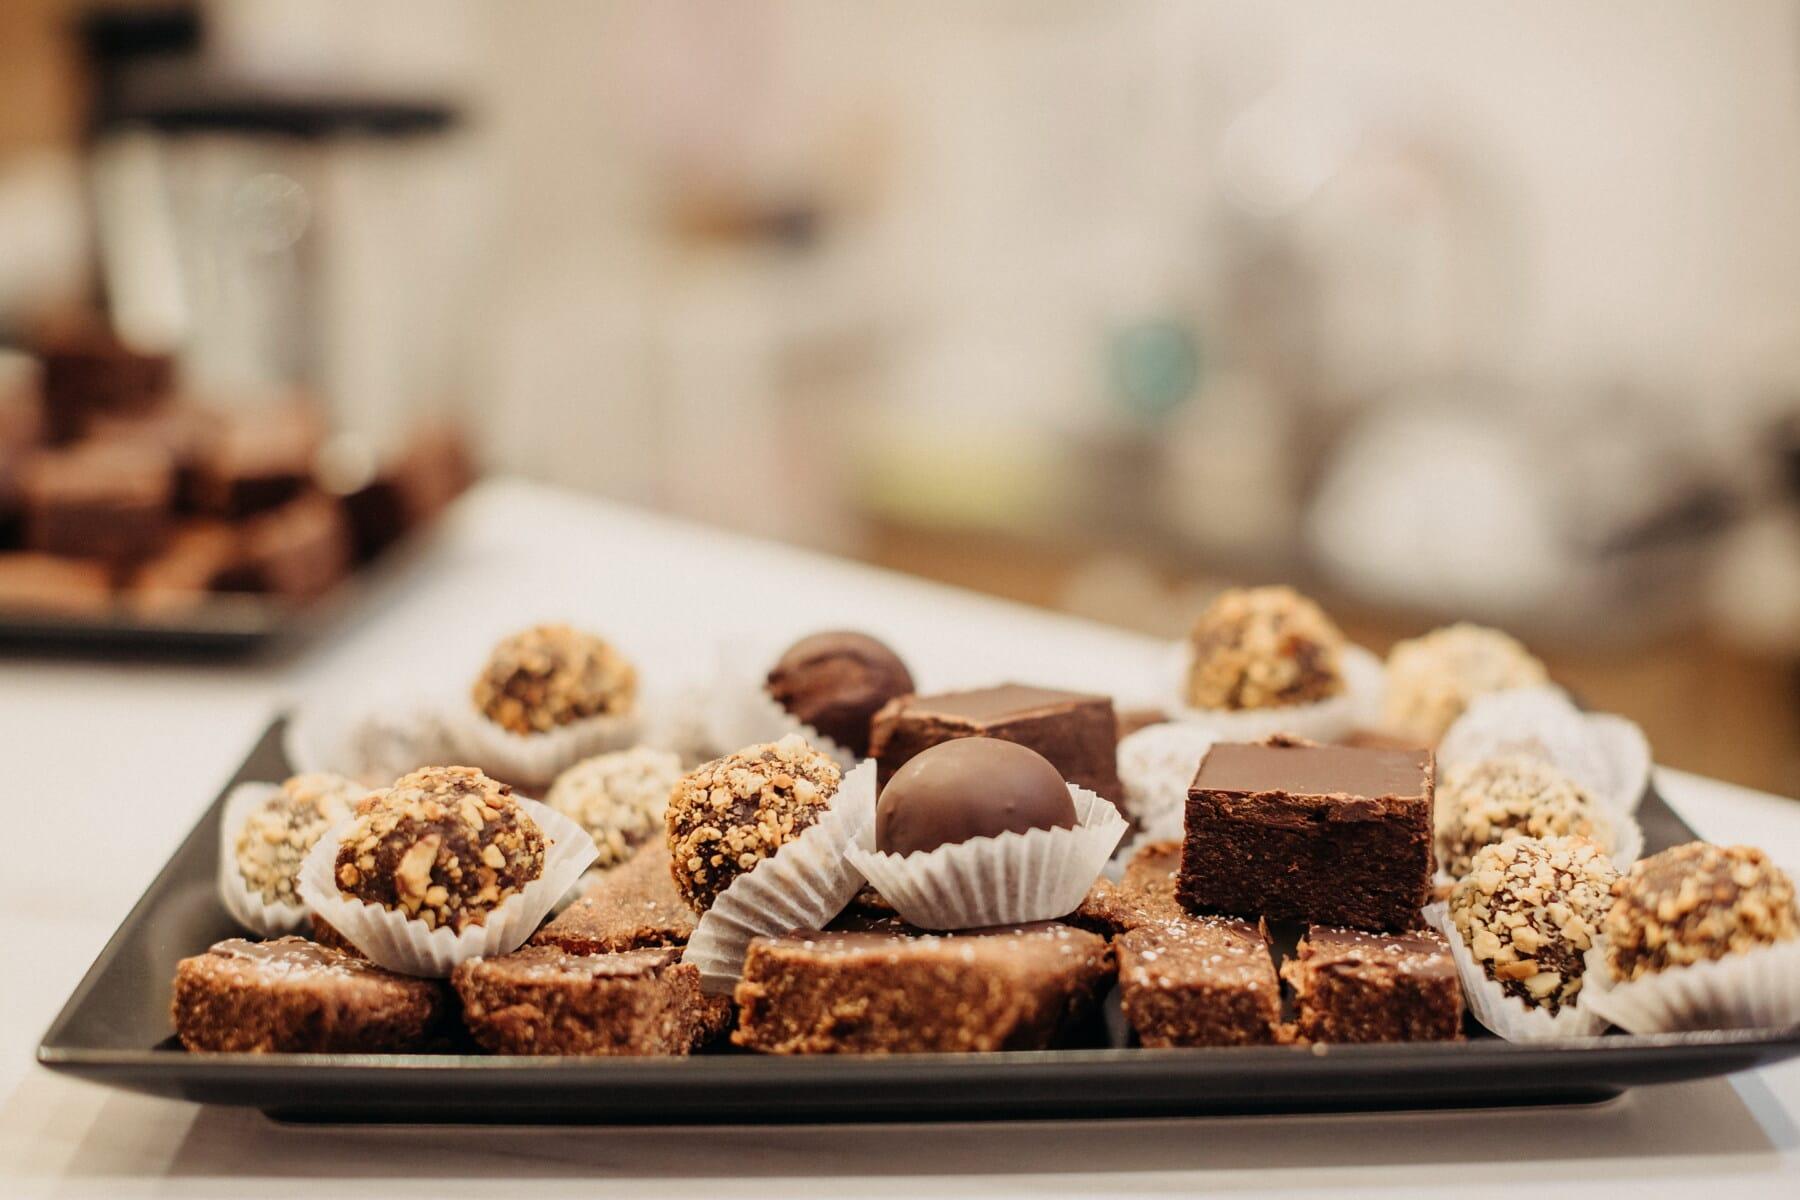 チョコレート ケーキ, 自家製, クッキー, クルミ, チョコレート, おいしい, 食品, キャンディ, 甘い, ベーキング